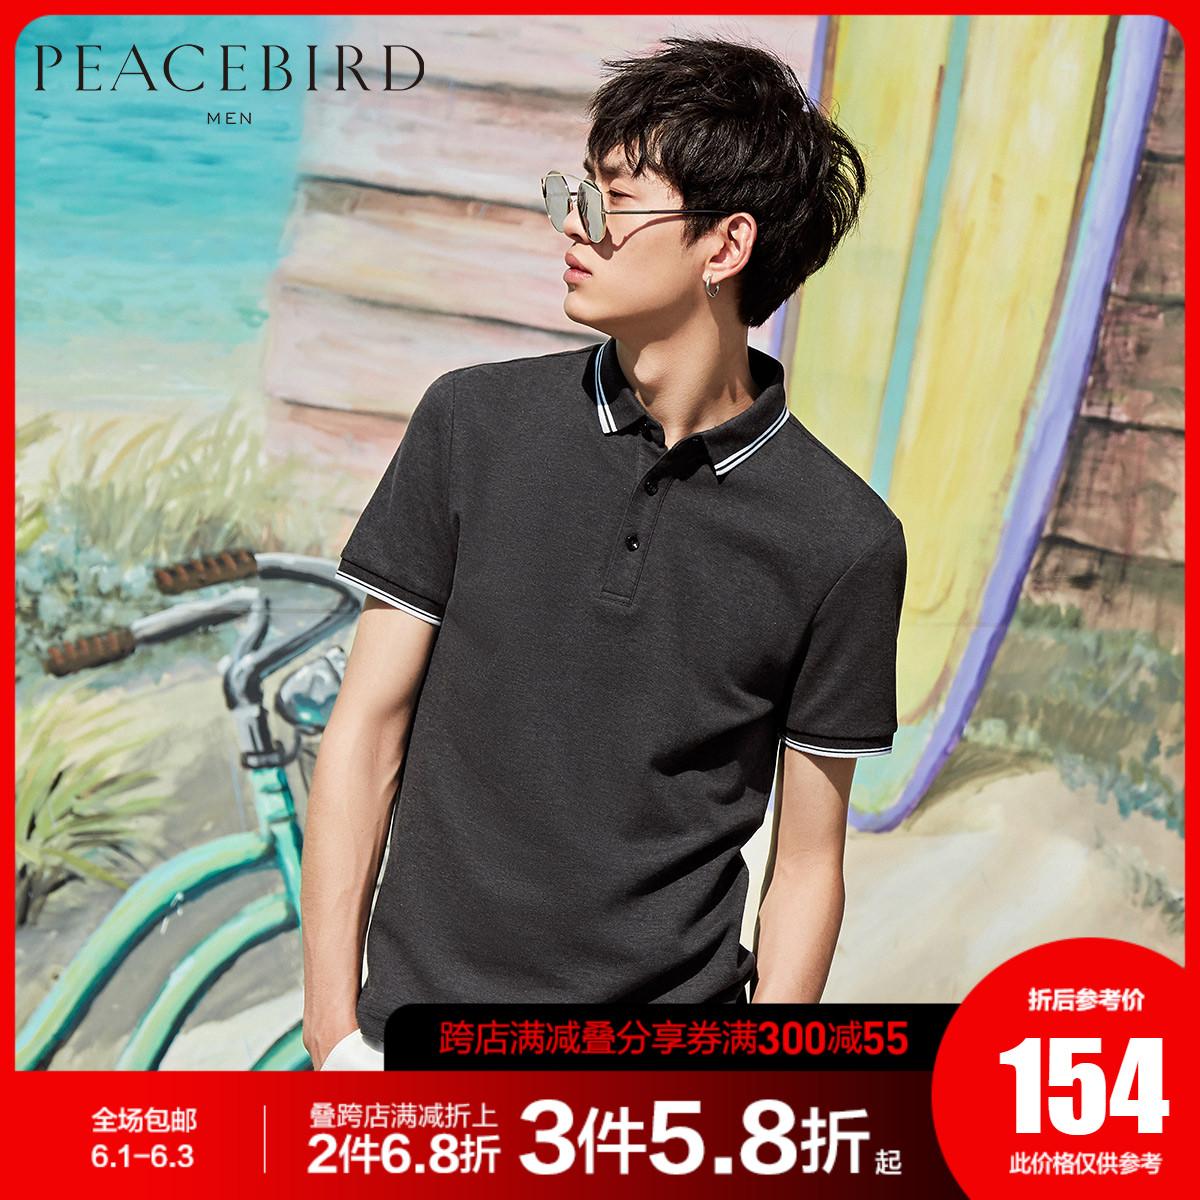 太平鸟男装 夏季新款铁灰色清新短袖polo衫撞色翻领T恤时尚保罗潮